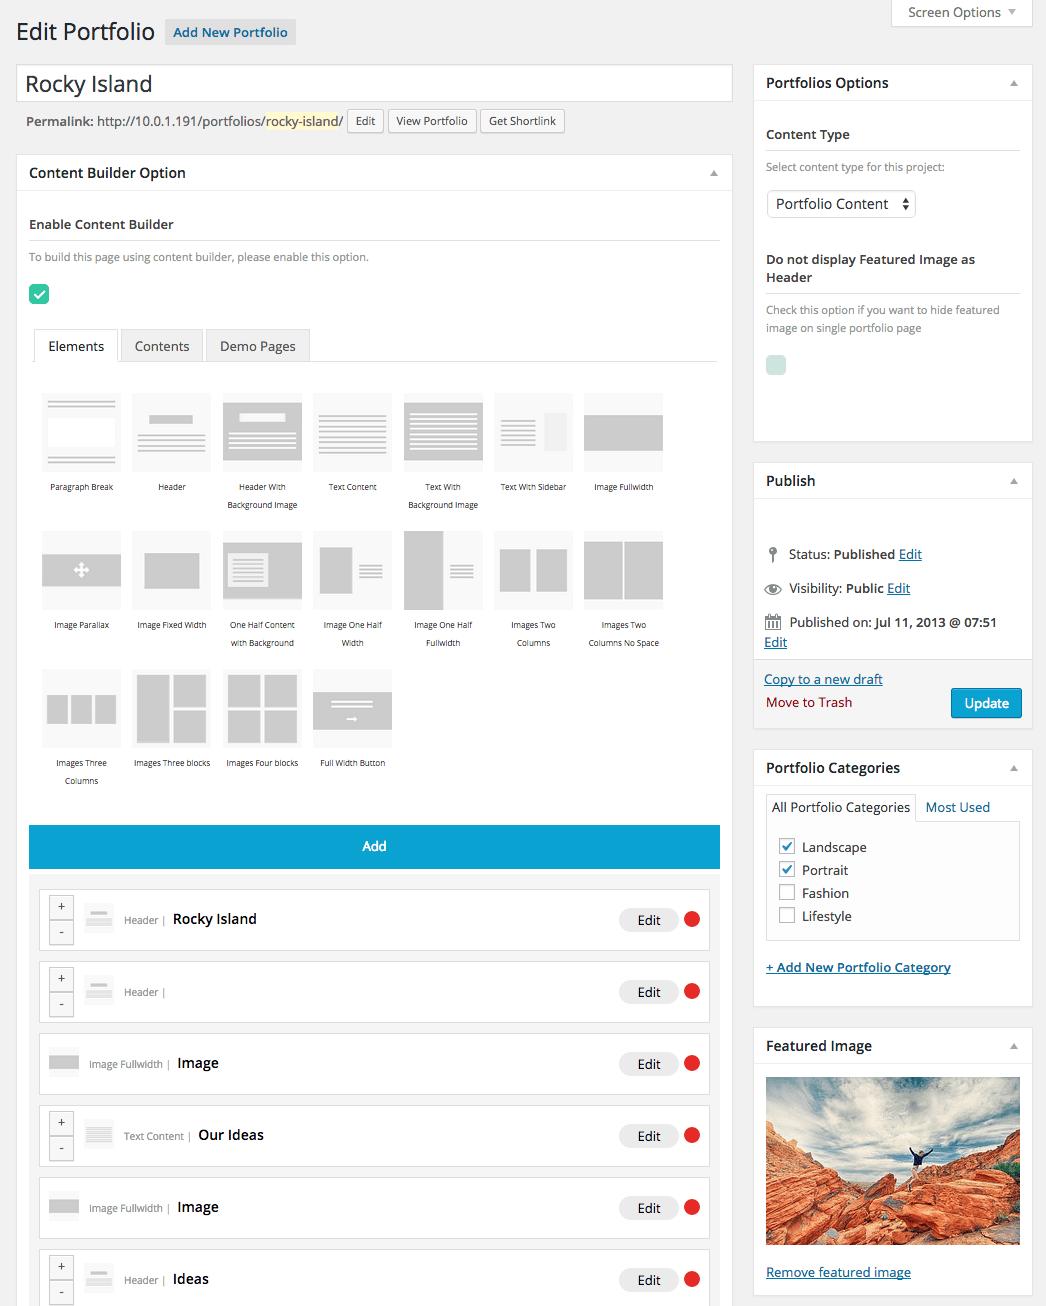 Portfolio Content Builder Options